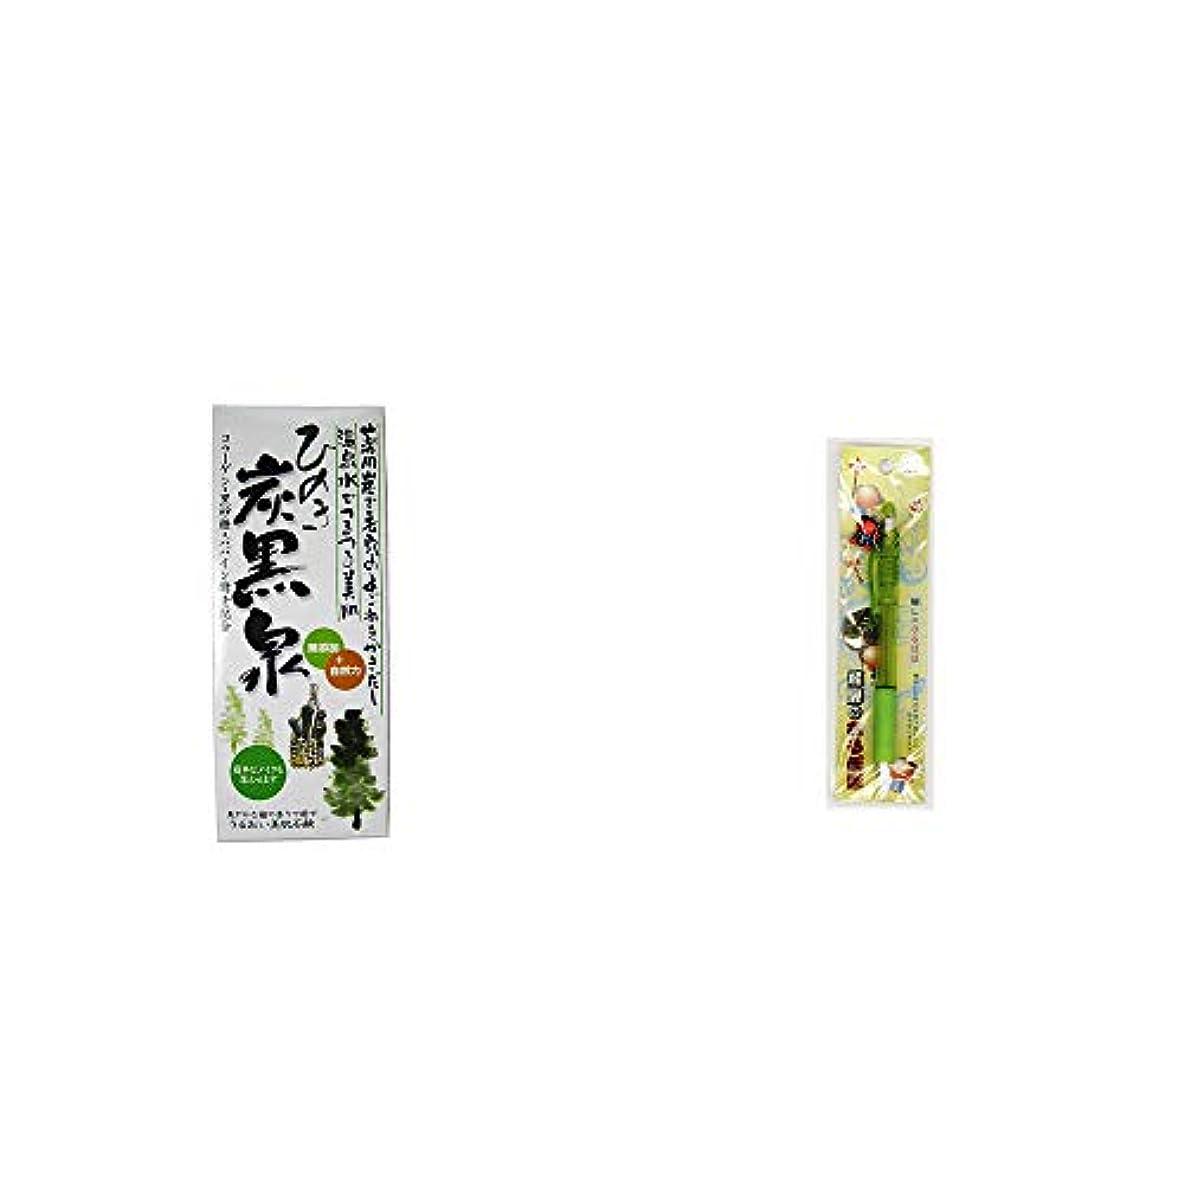 距離キャンバスゴミ箱を空にする[2点セット] ひのき炭黒泉 箱入り(75g×3)?さるぼぼ 癒しシャープペン 【グリーン】